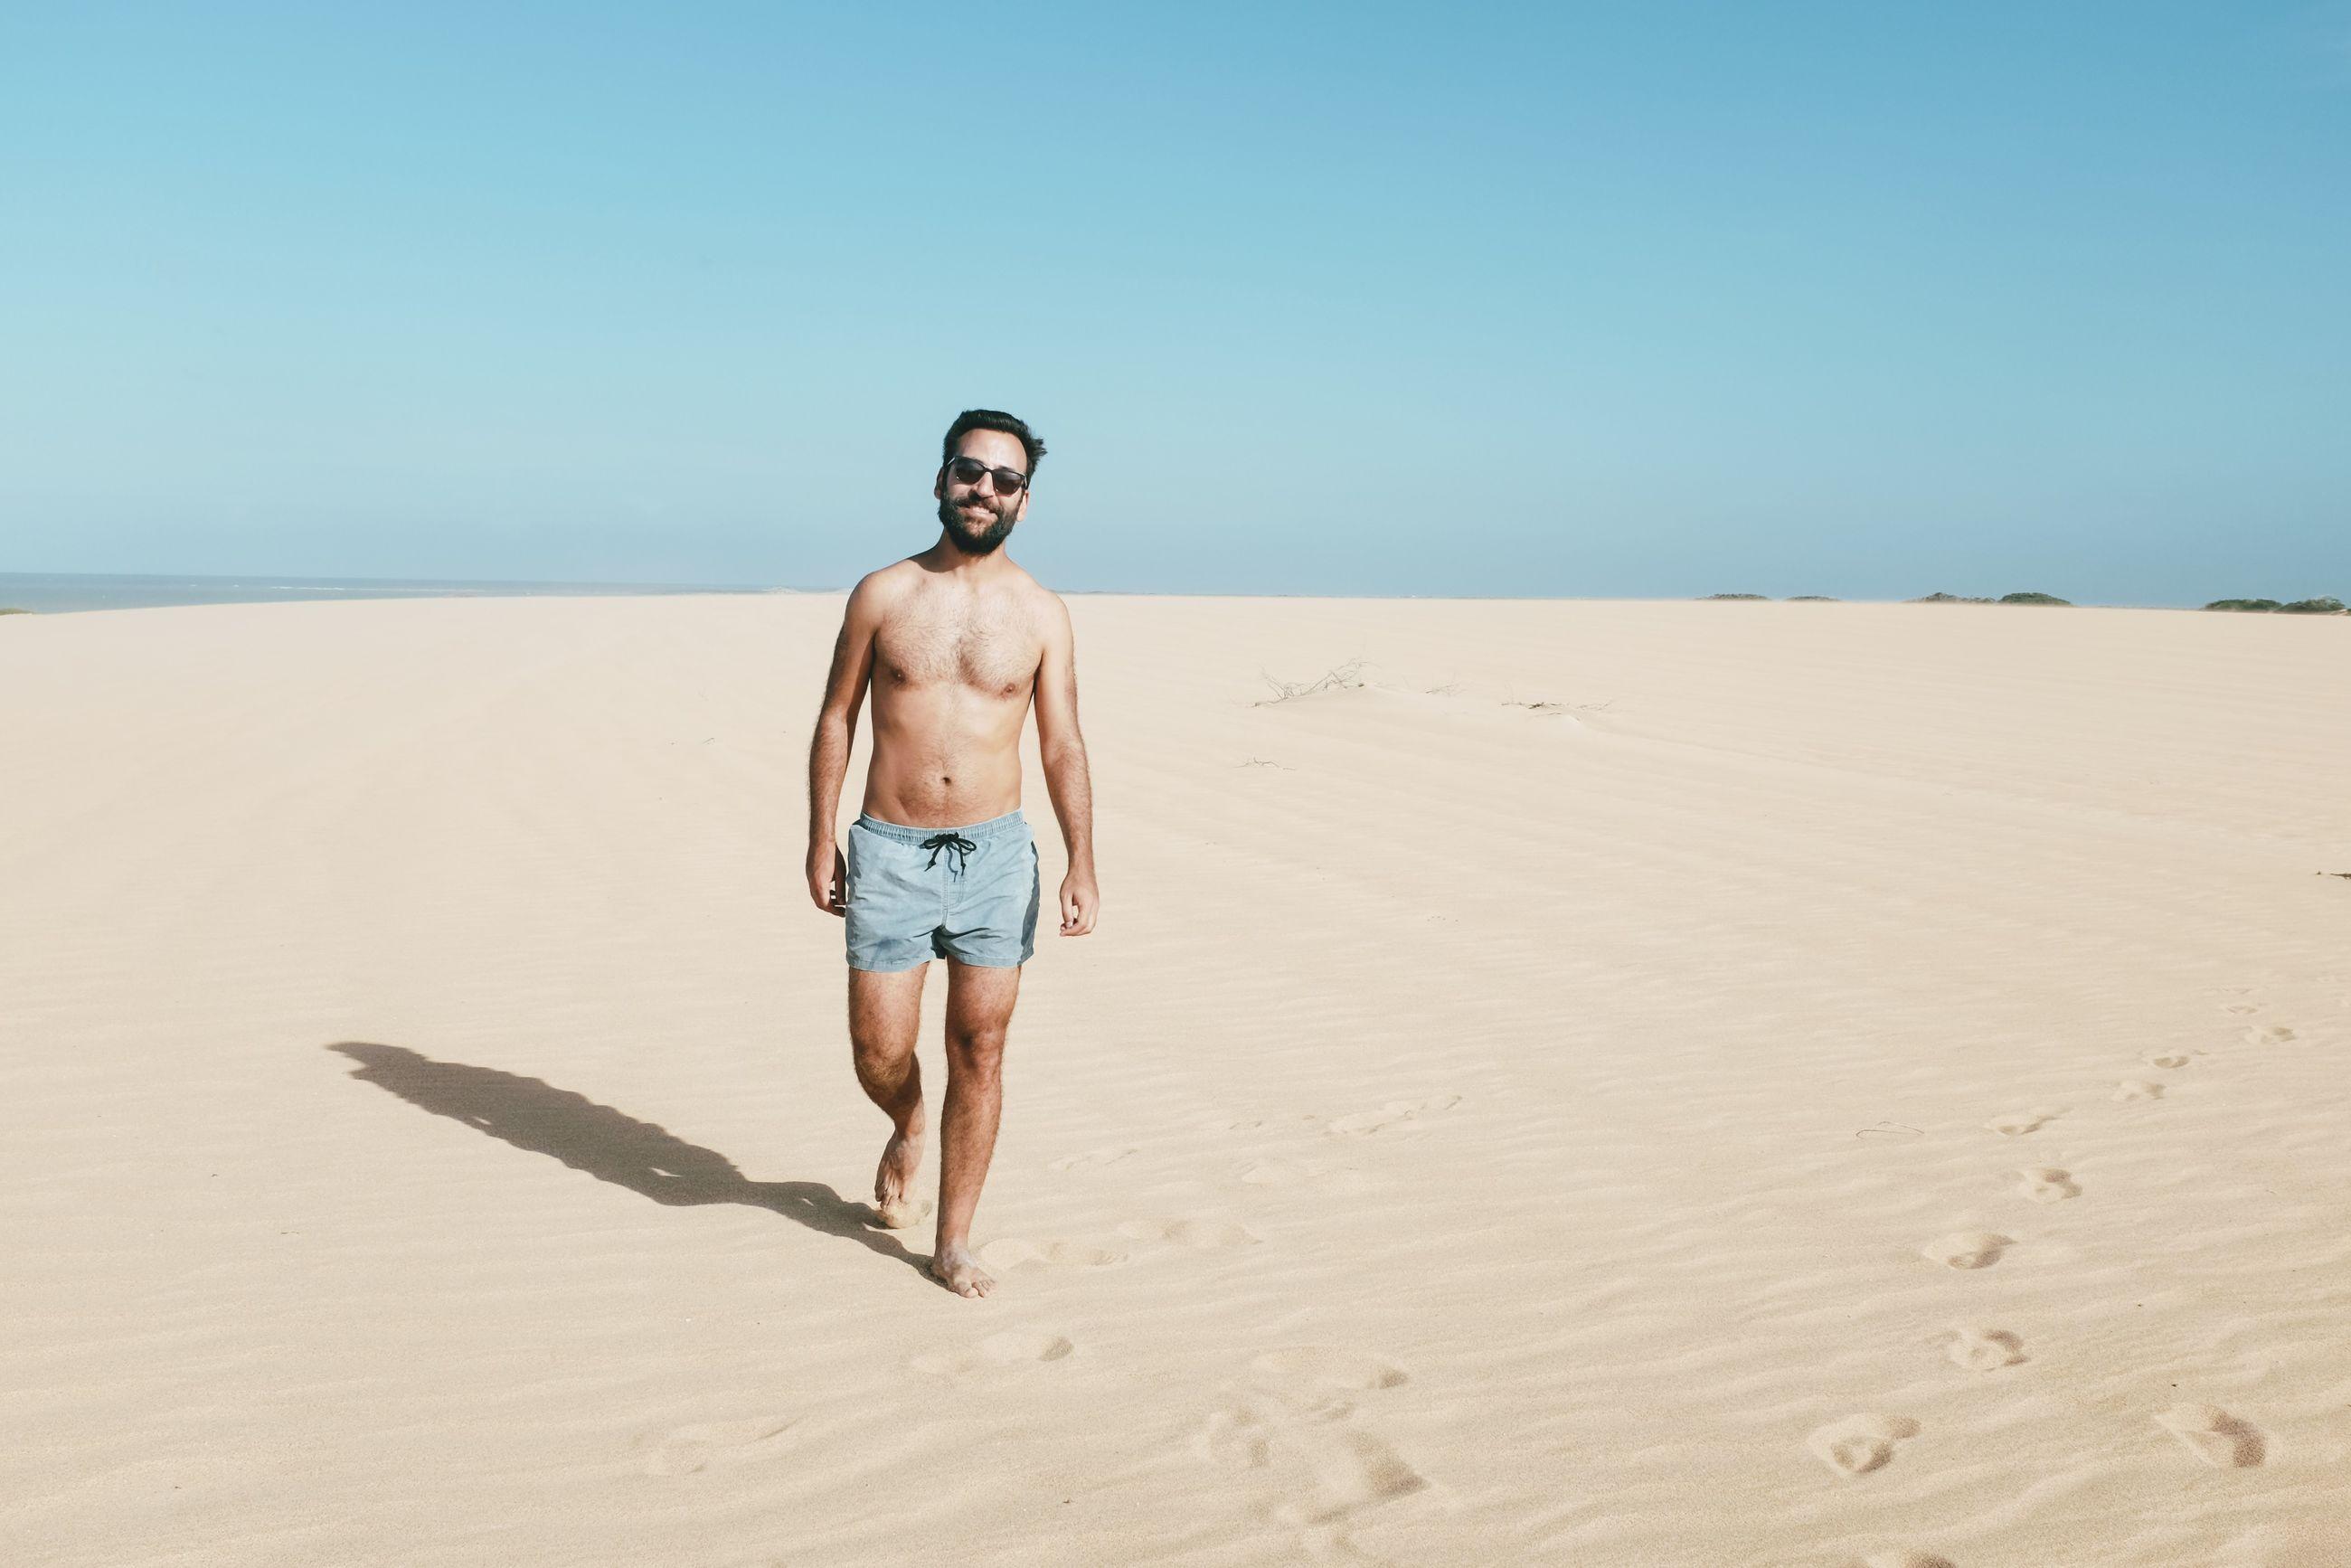 Full length of shirtless man walking on sand at beach